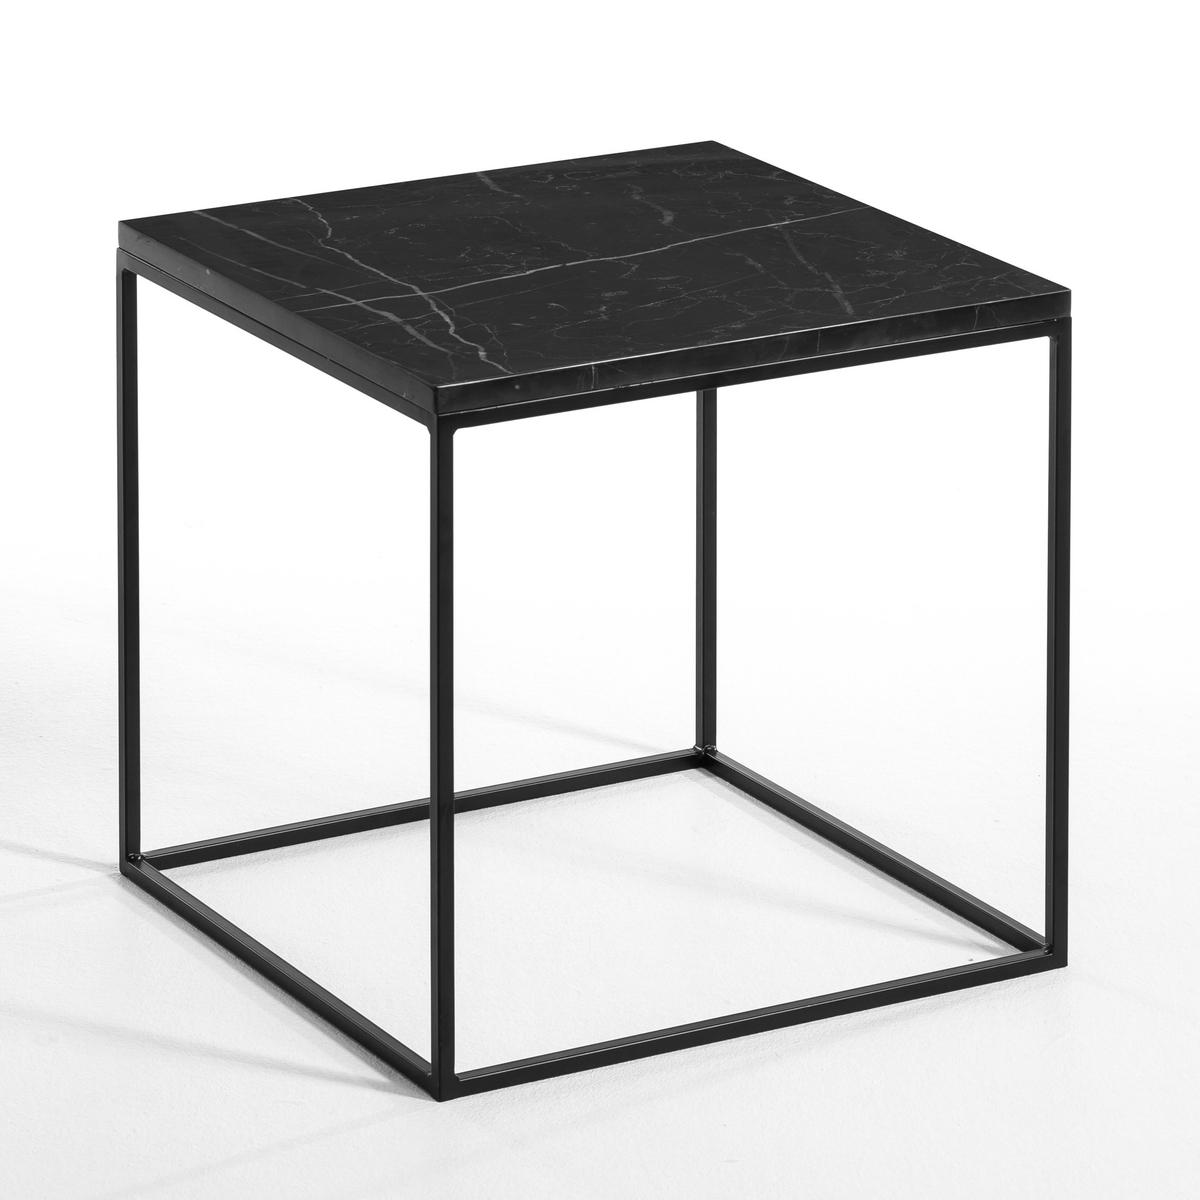 Столик со столешницей из мрамора, MahautОписание : - Каркас из металла - Столешница из черного мрамора, каждое изделие уникально, поэтому количество прожилок может отличаться .Размеры : - 40 x 40 x 40 см<br><br>Цвет: черный